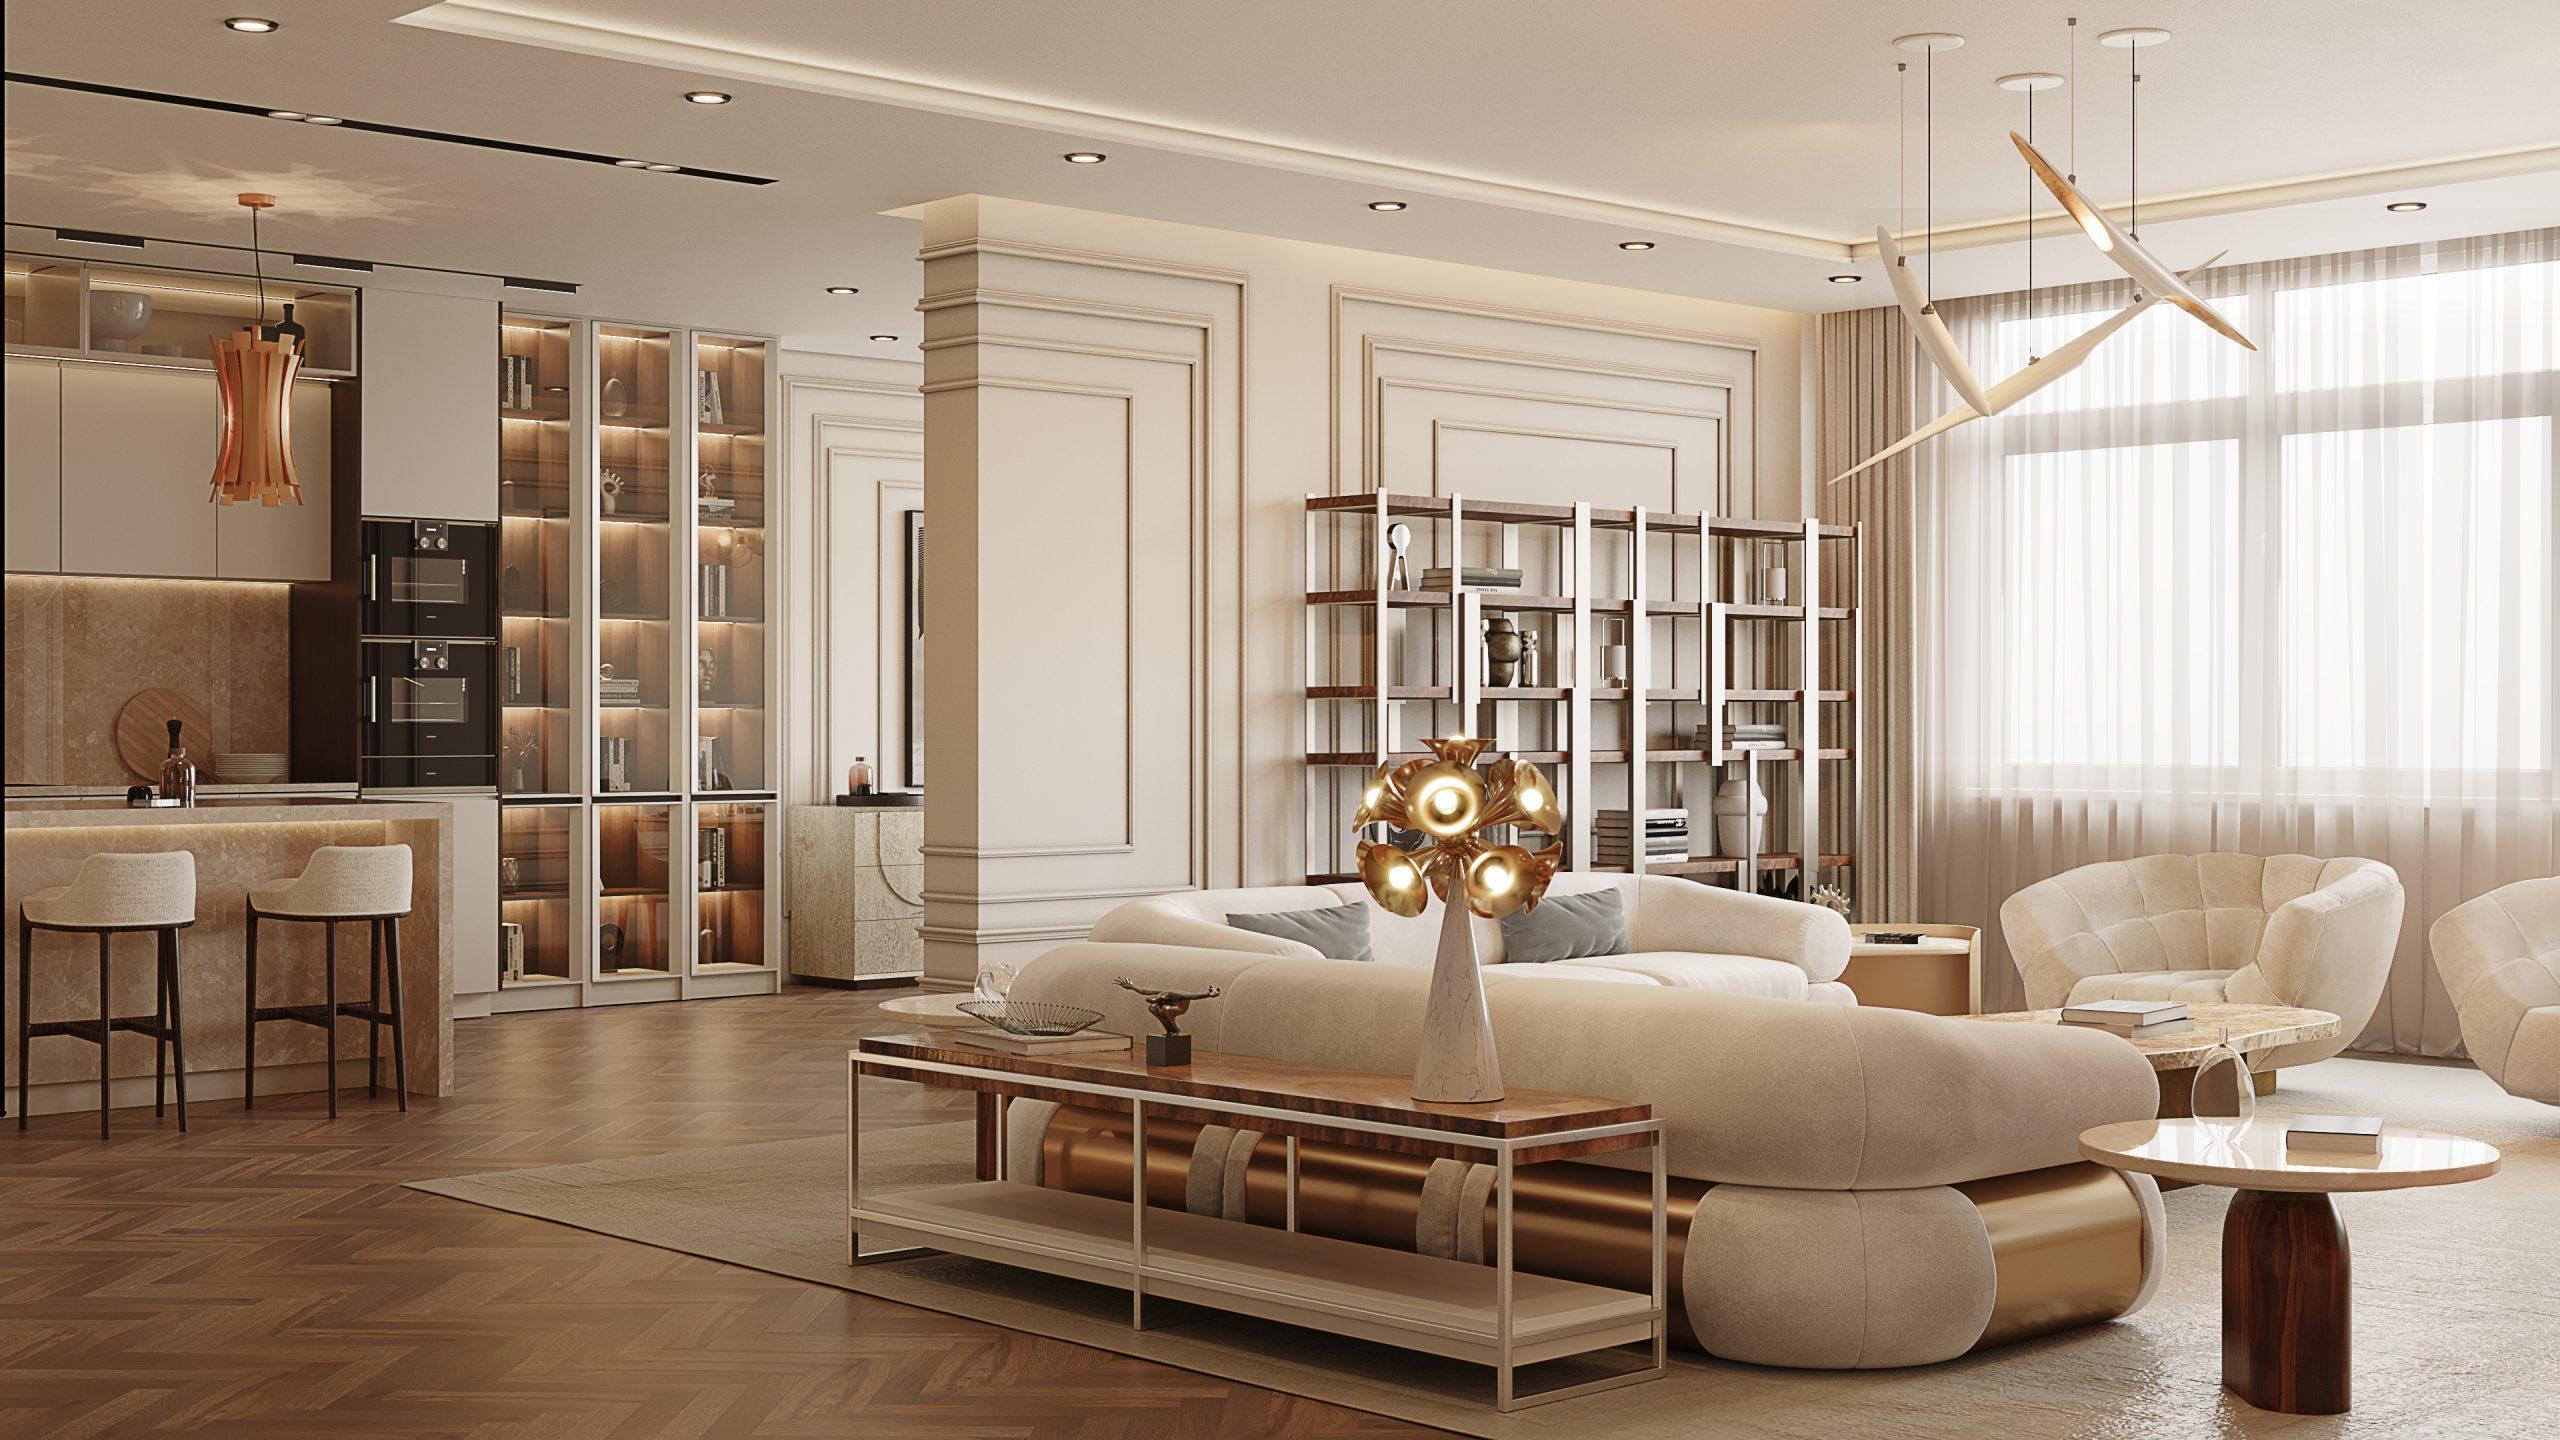 Sala de estar poderosa: Seleción de proyectos lujuosos para inspirar sala de estar poderosa Sala de estar poderosa: Seleción de proyectos lujuosos para inspirar Living Room Geral 2 scaled